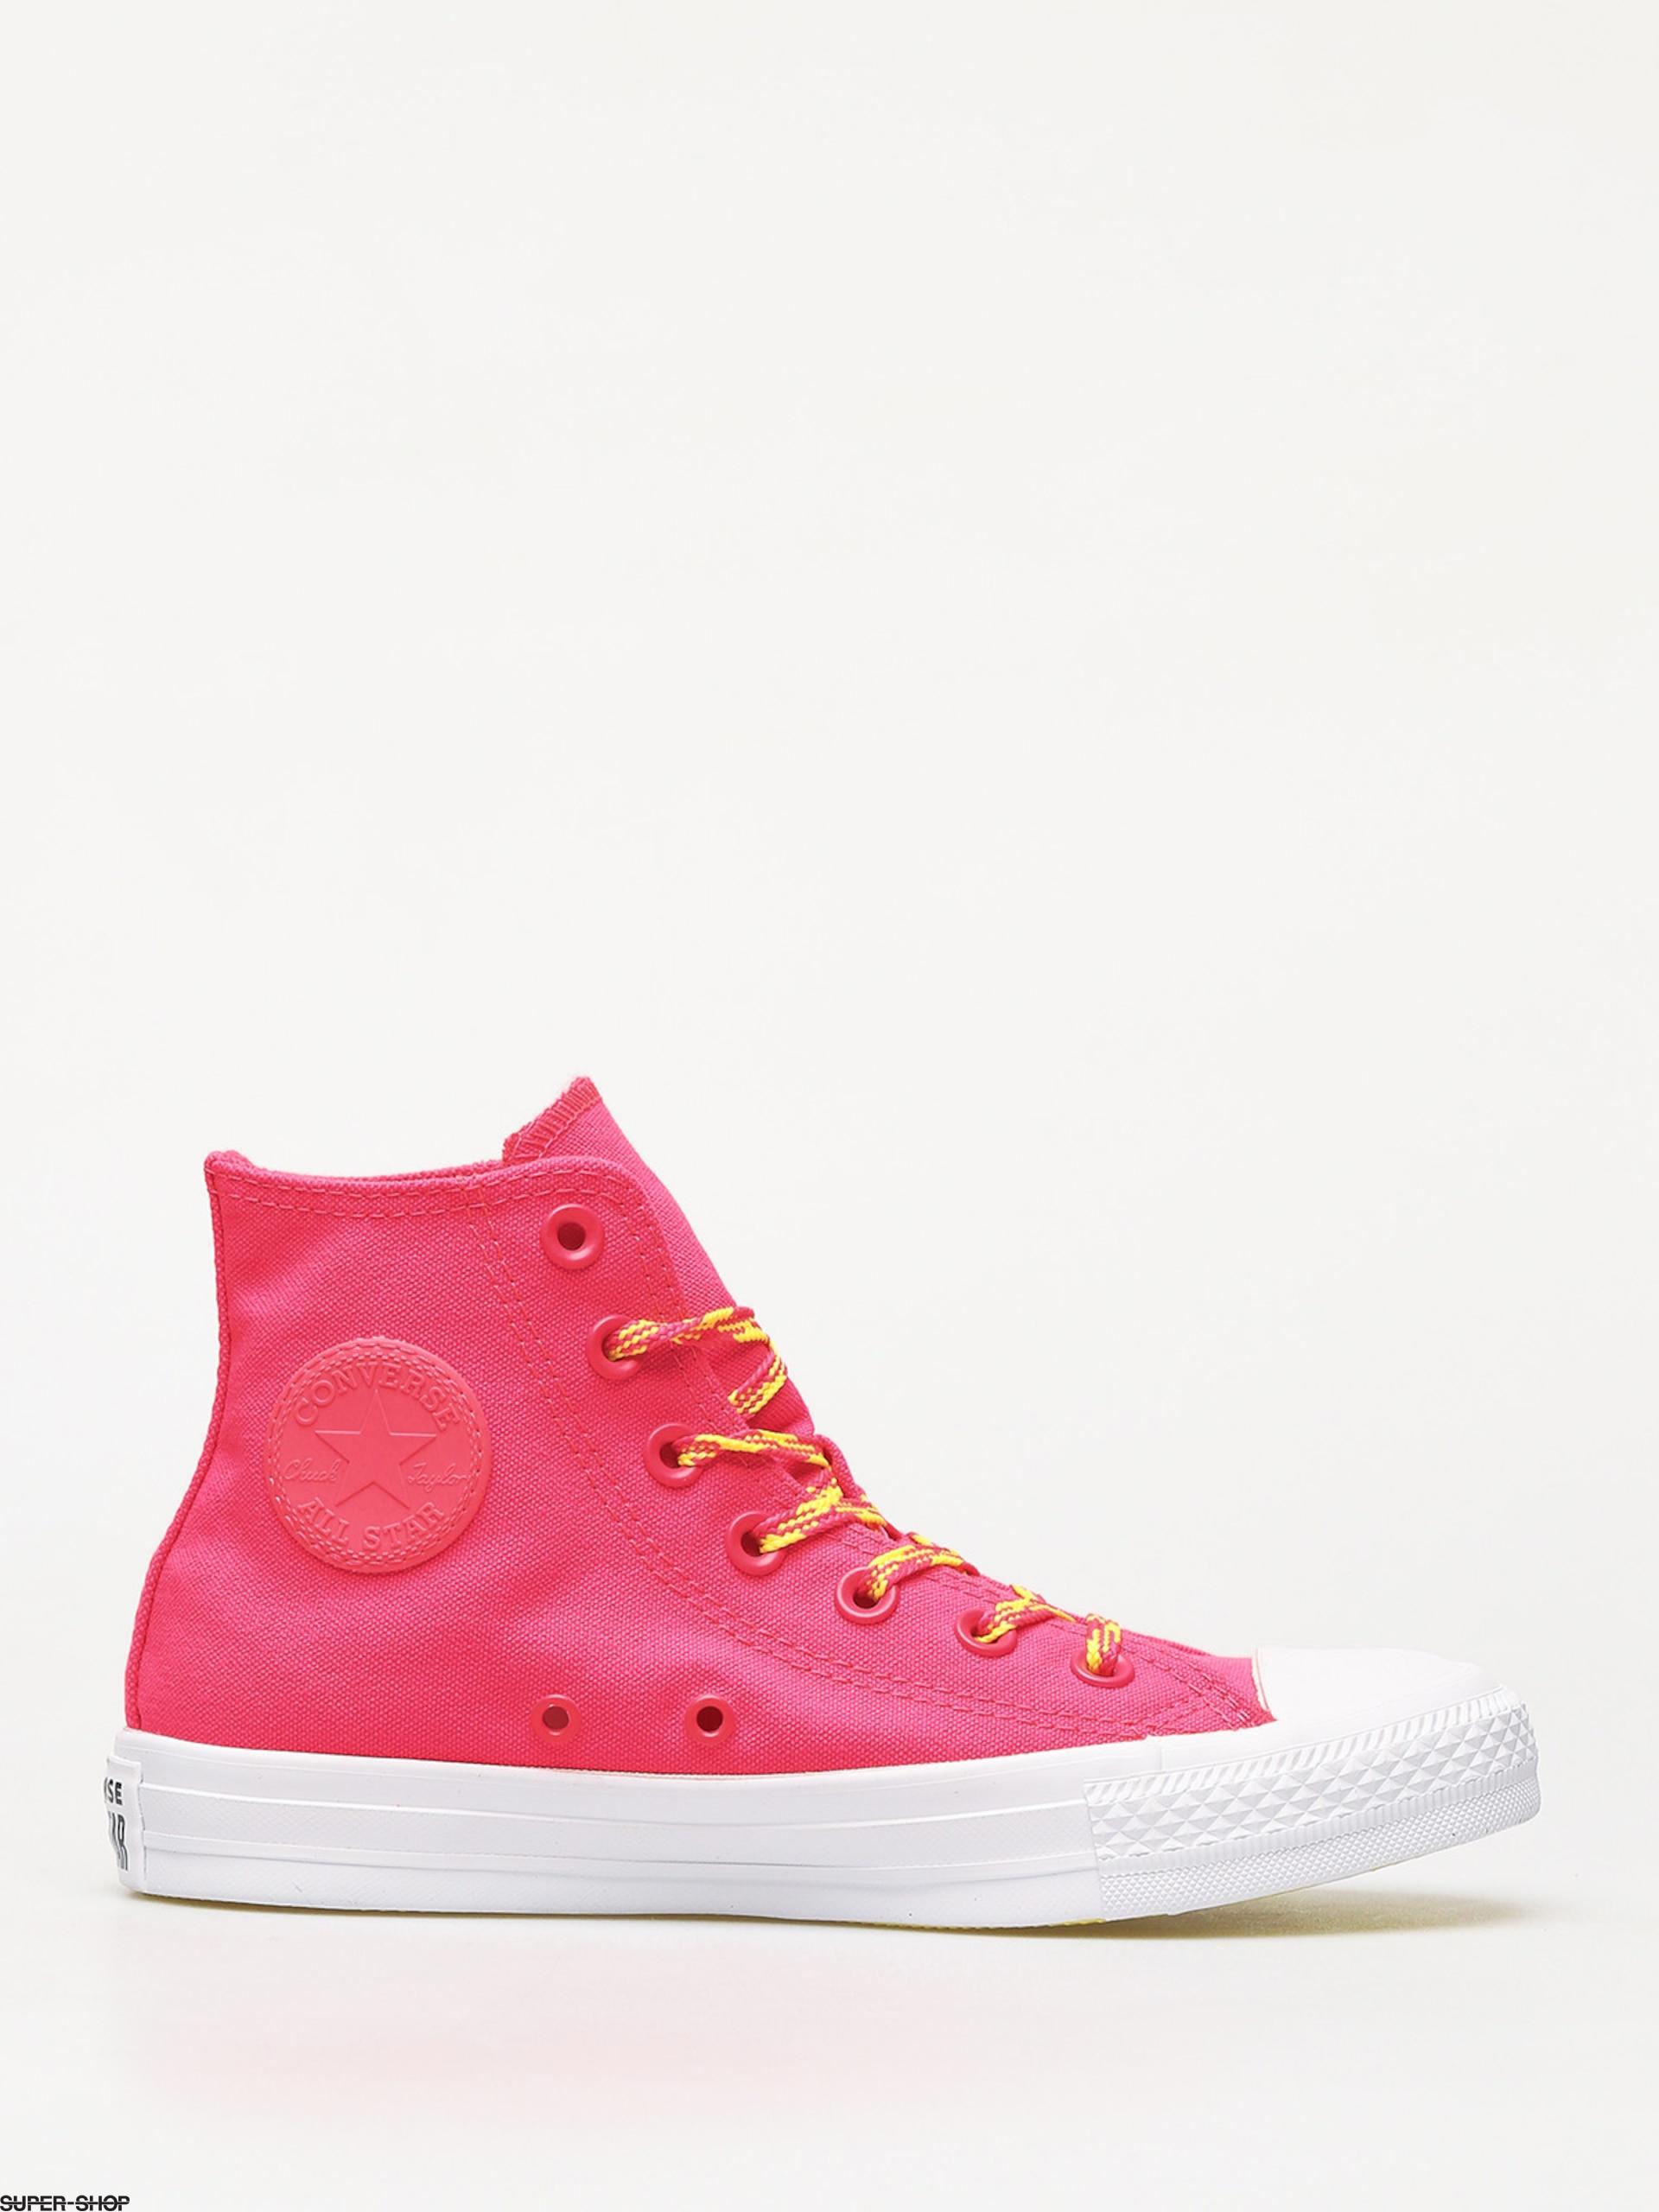 il migliore colore veloce il prezzo rimane stabile Converse Chuck Taylor All Star Hi Glow Up Chucks Wmn (dark pink)